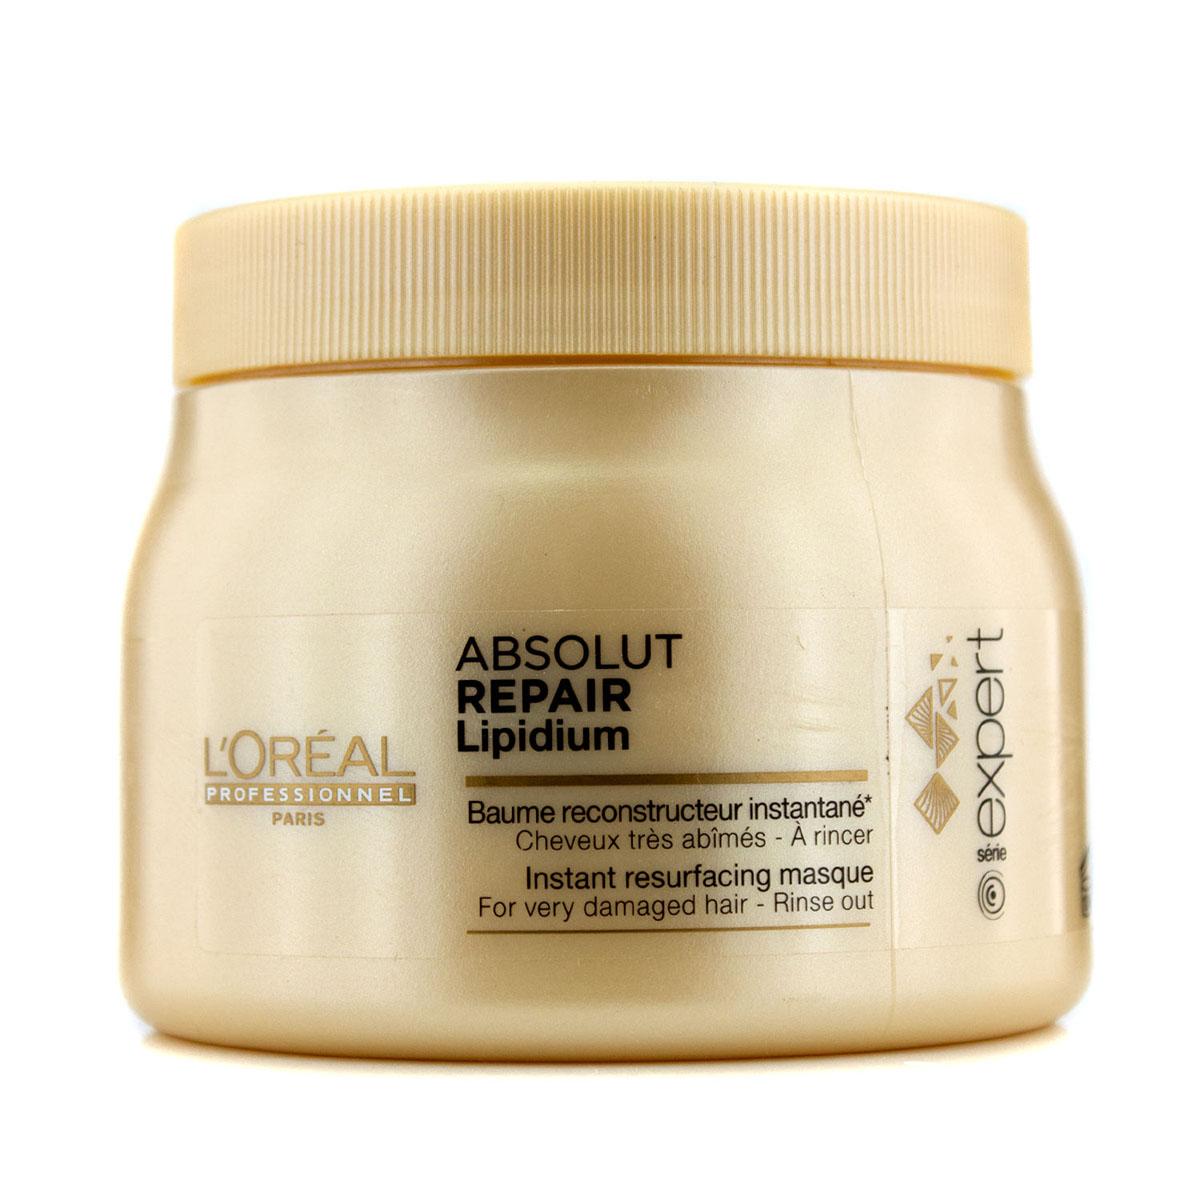 LOreal Professionnel Маска, восстанавливающая структуру волос на клеточном уровне Expert Absolut Repair Lipidium - 500 млFS-54102Маска Absolut Repair Lipidium питает, защищает и укрепляет волокна волос по всей длине. Содержащиеся в маске УФ-фильтры защищают волосы от ультрафиолета. Различные виды натурального воска, входящие в состав маски, обволакивают каждый волос защитной пленкой, оберегающей от отрицательного воздействия окружающей среды и придающей им красивый и ухоженный вид. Волосы меньше ломаются и становятся более крепкими по всей длине.